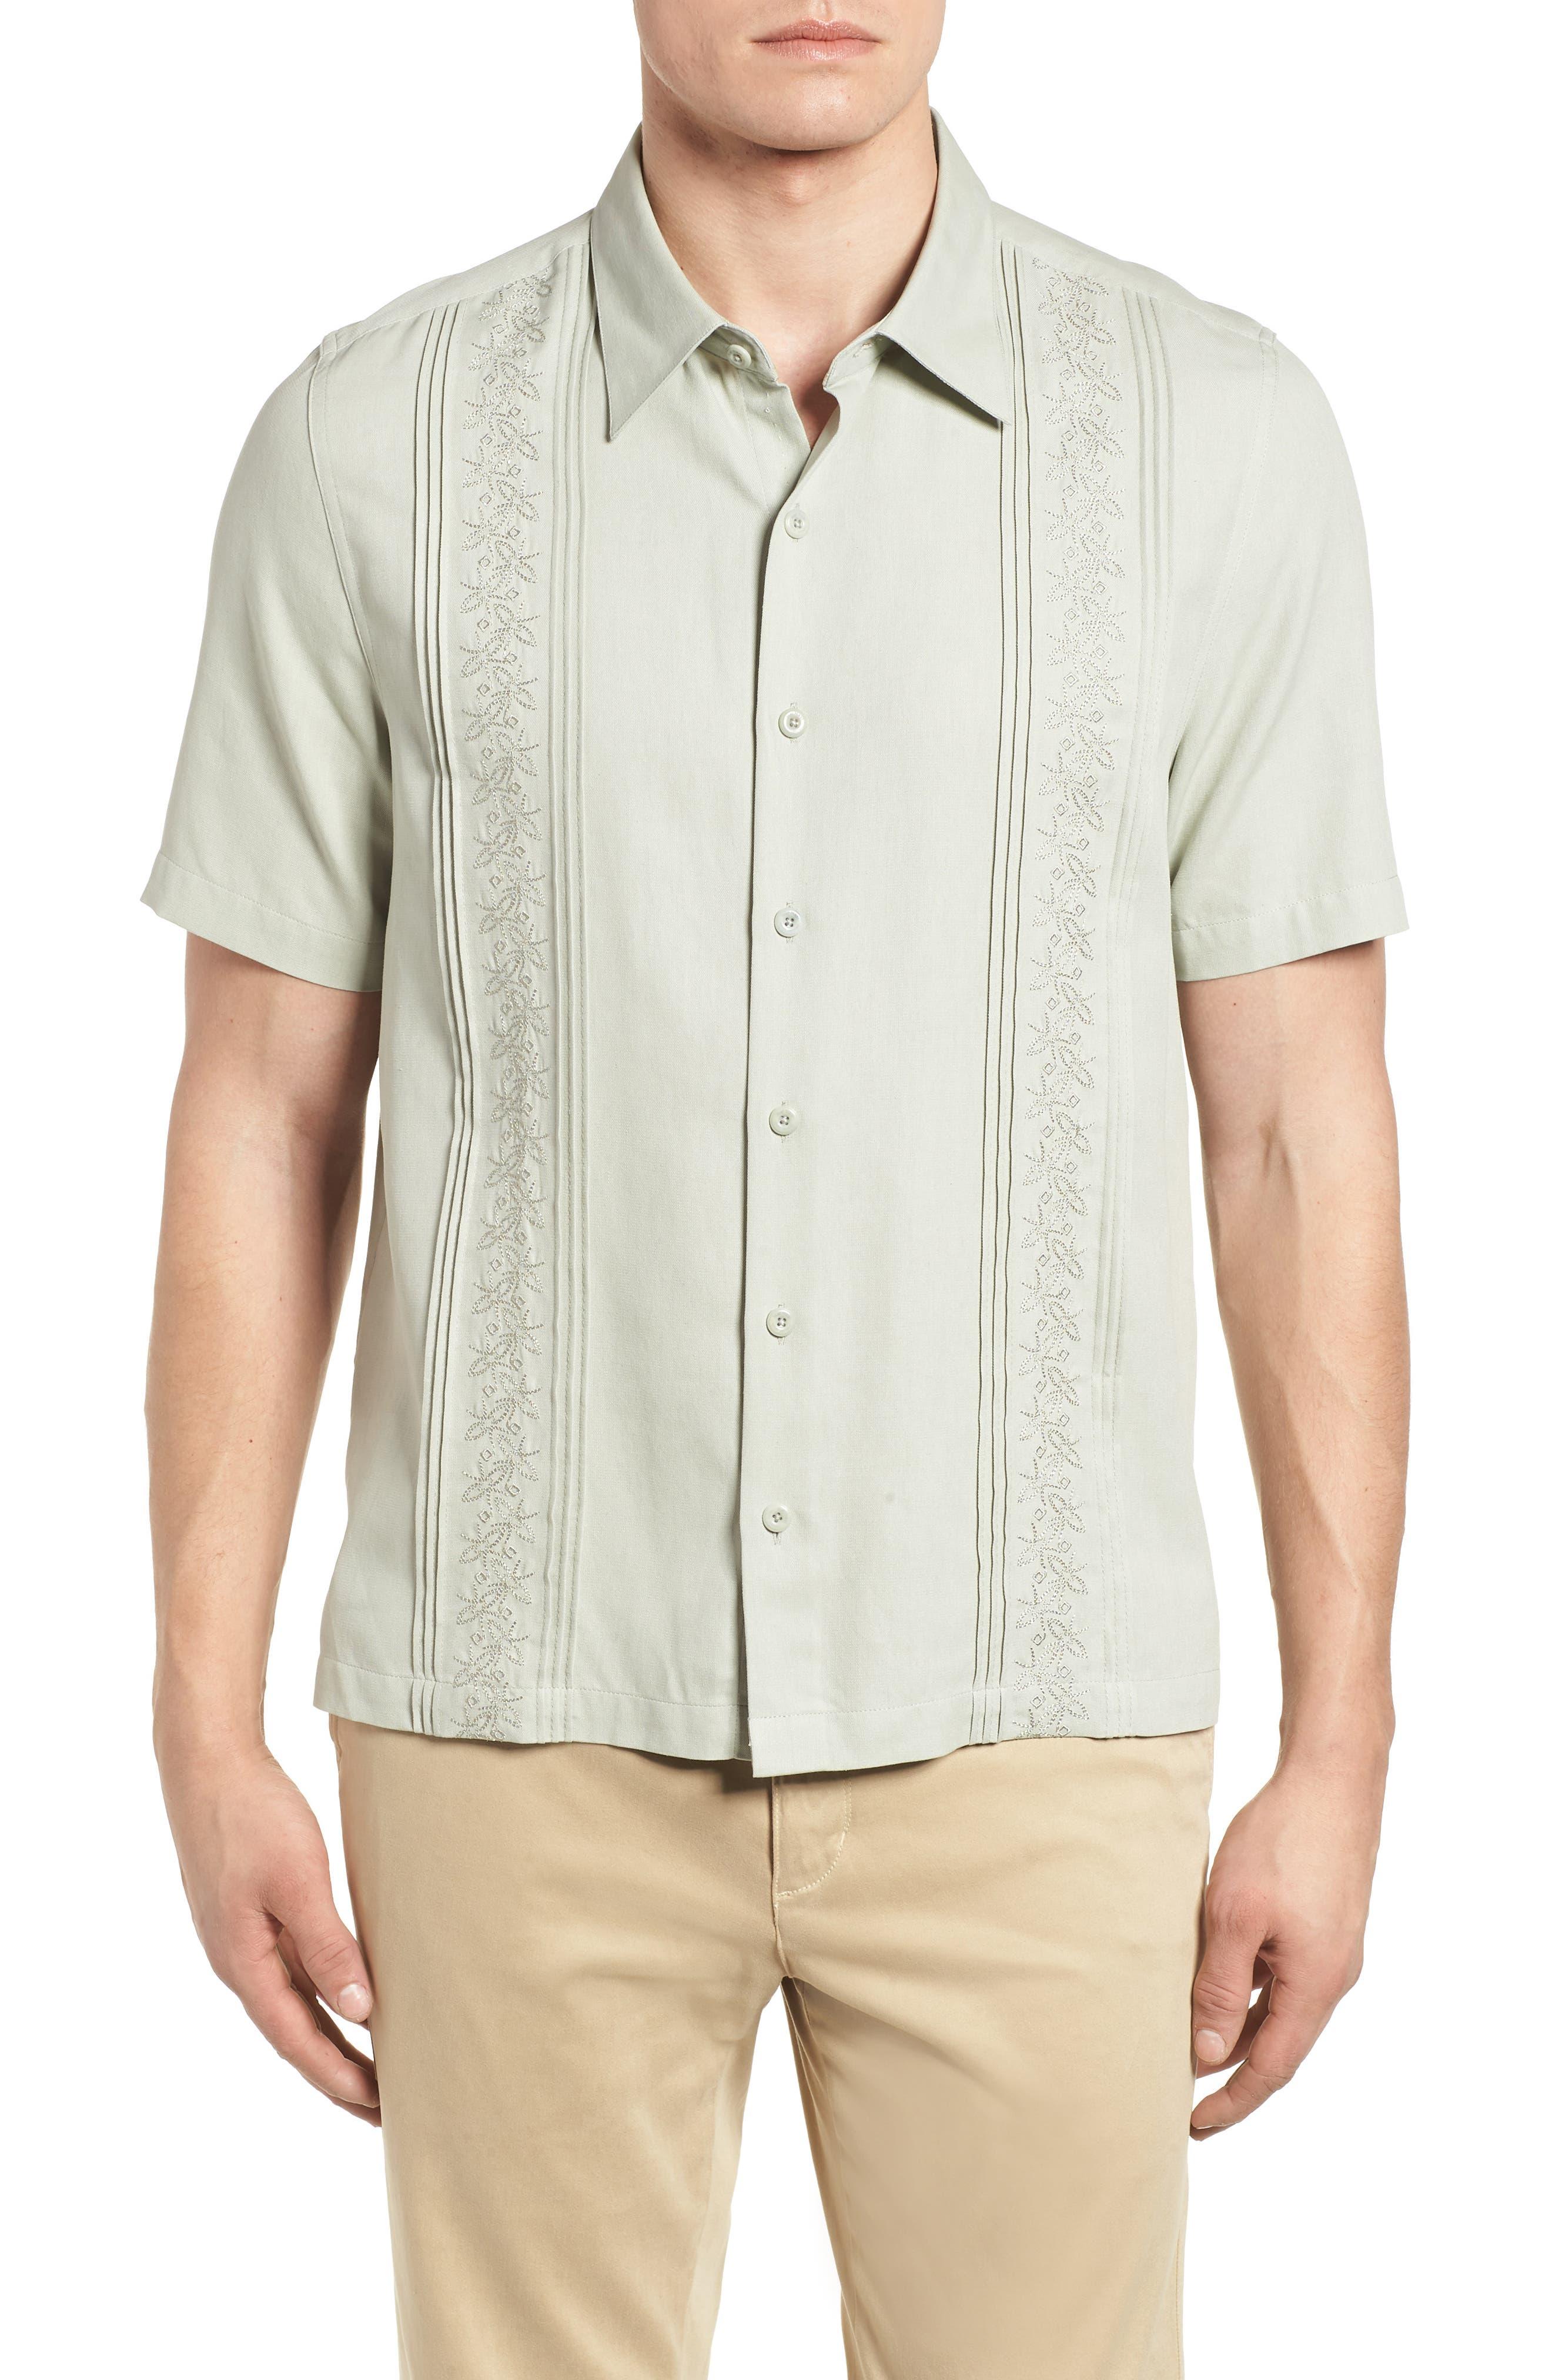 La Fleur Camp Shirt,                         Main,                         color, Carbon